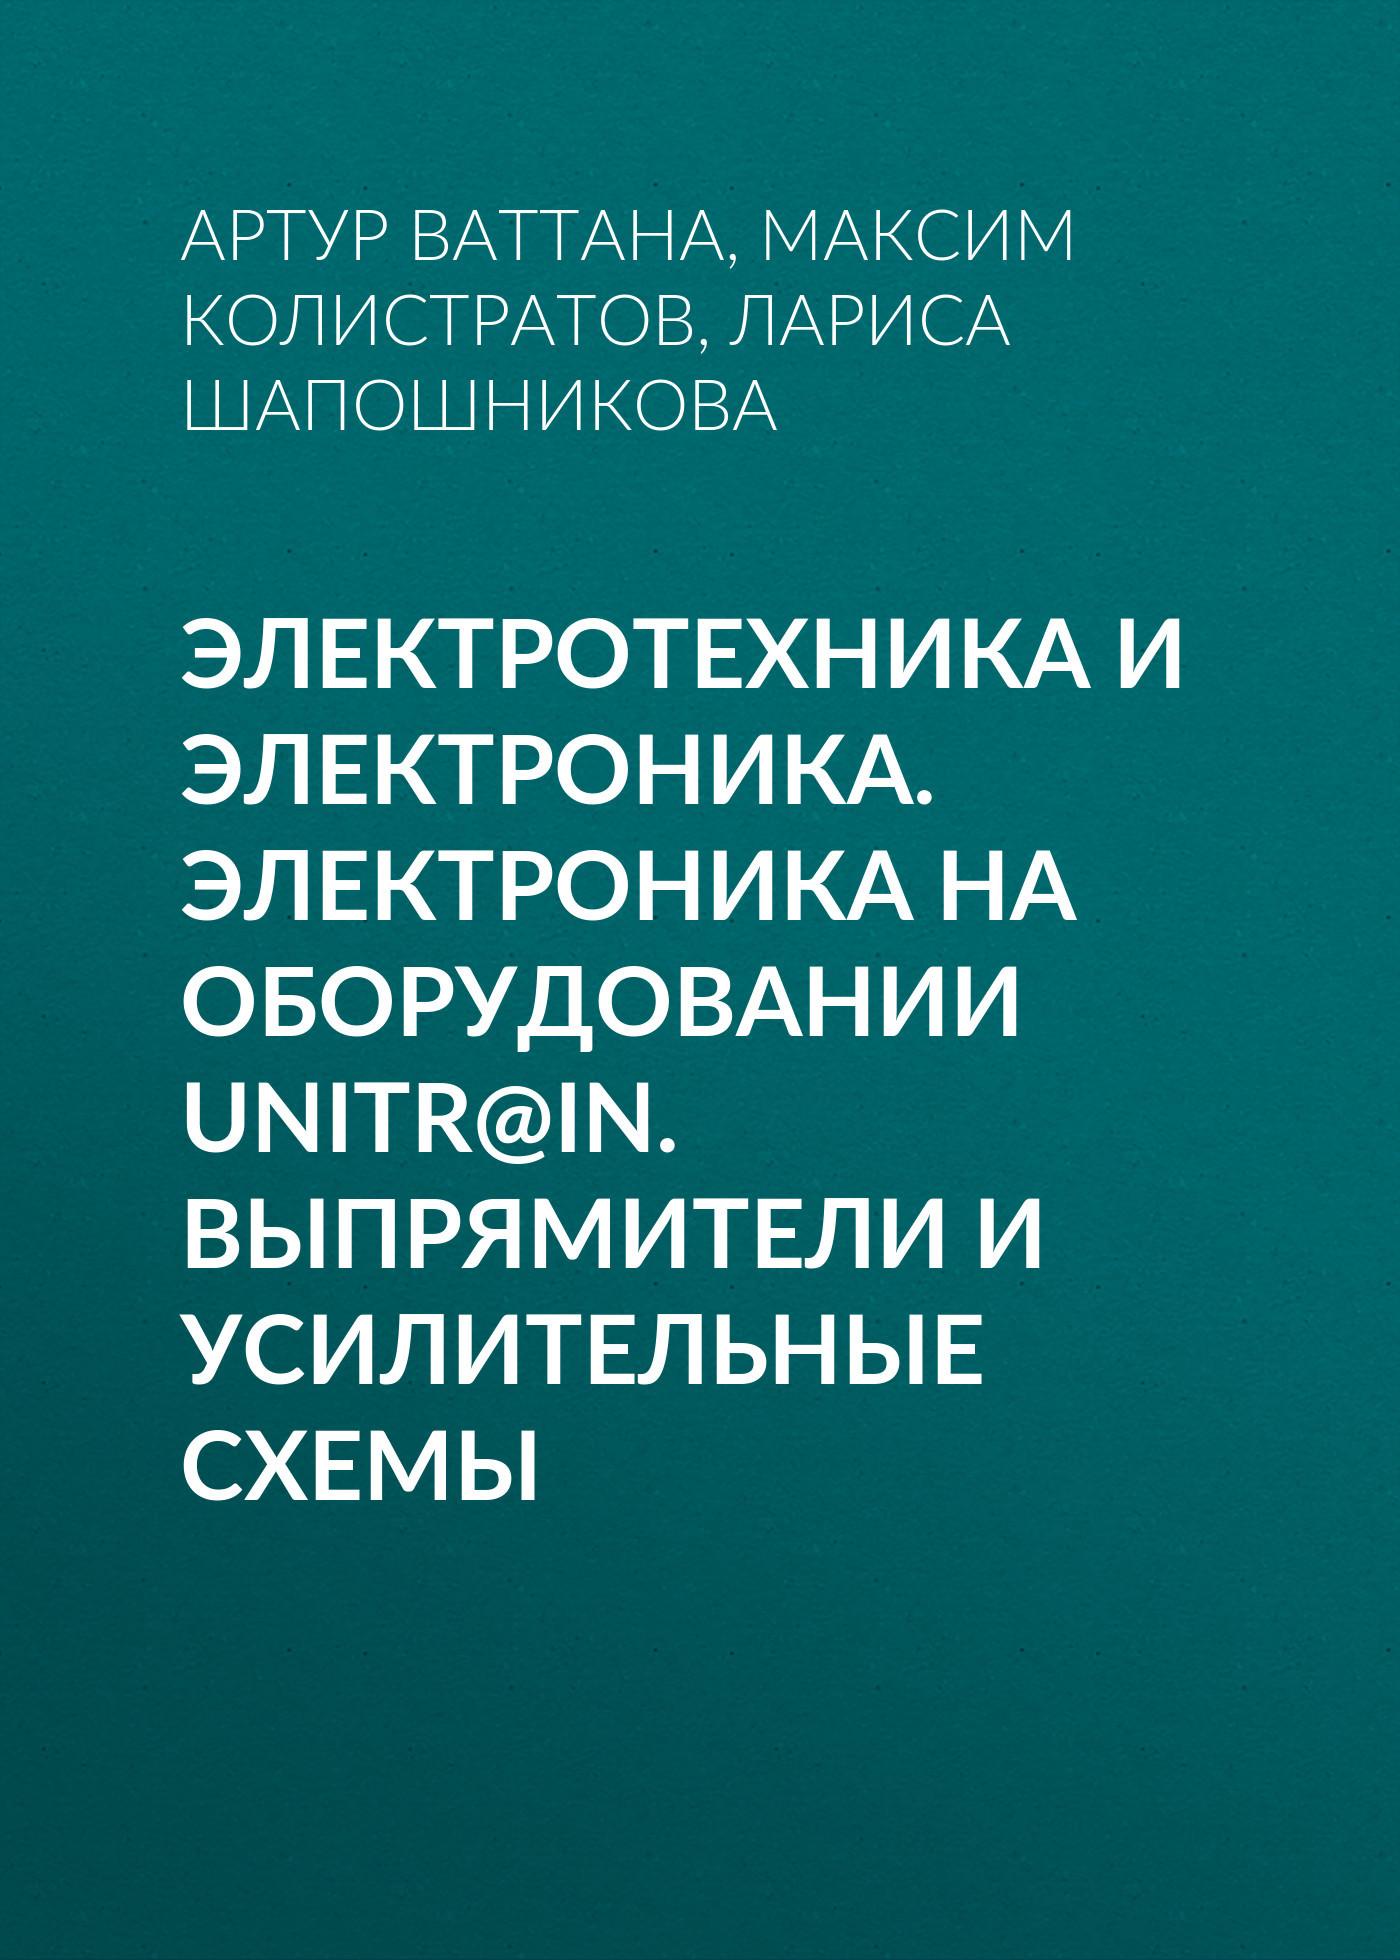 Лариса Шапошникова Электротехника и электроника. Электроника на оборудовании UniTr@in. Выпрямители и усилительные схемы